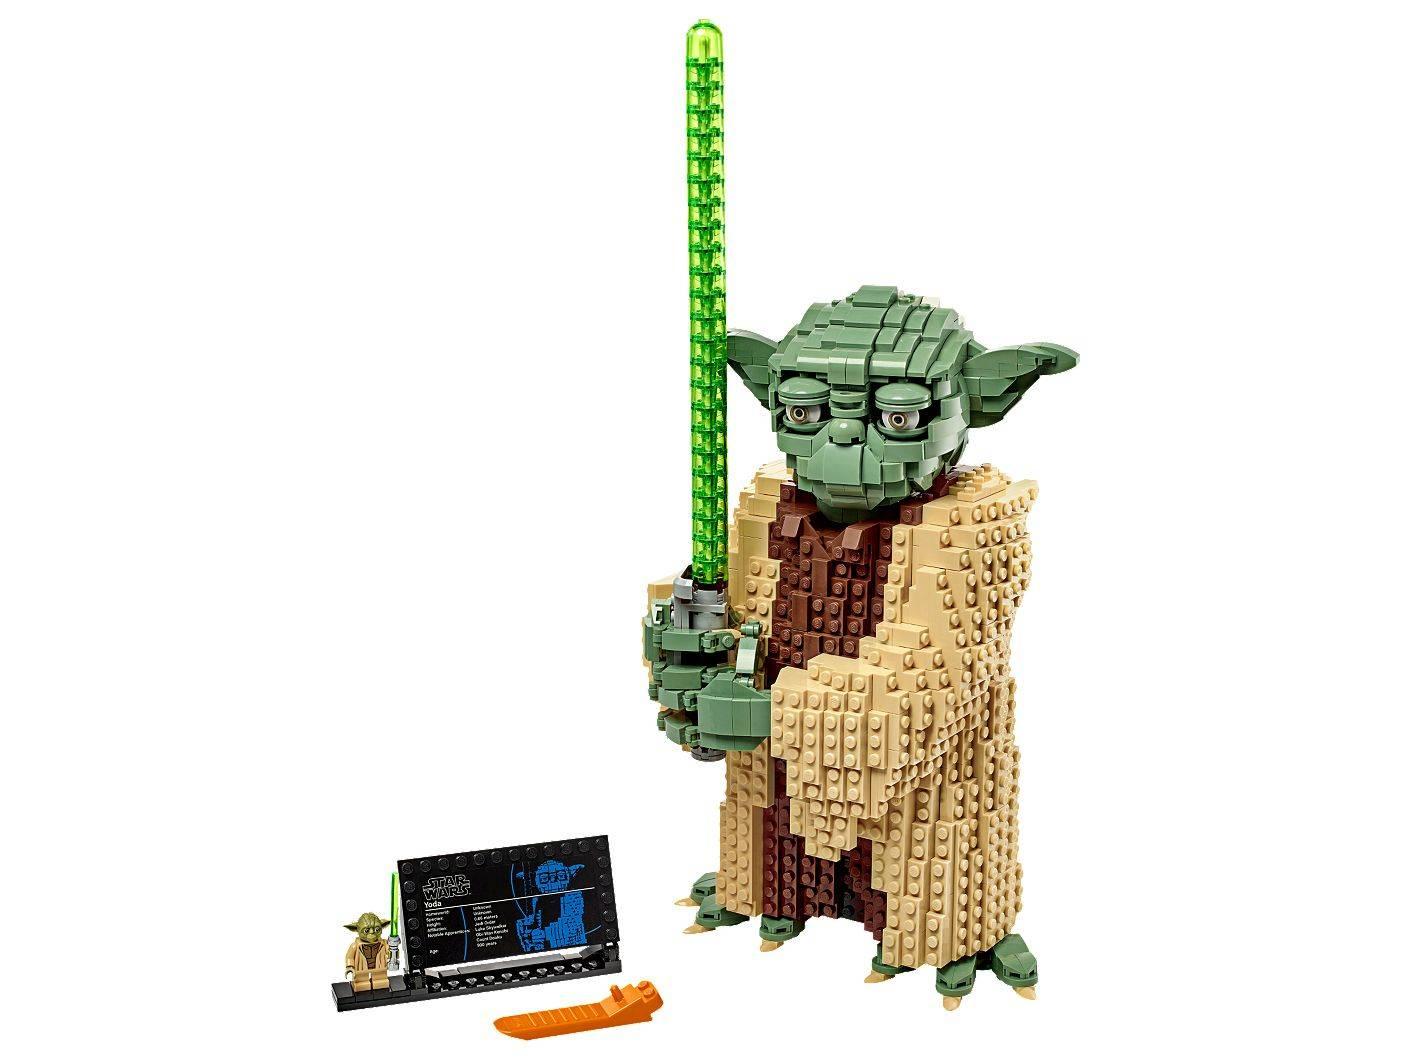 LEGO Yoda 75255